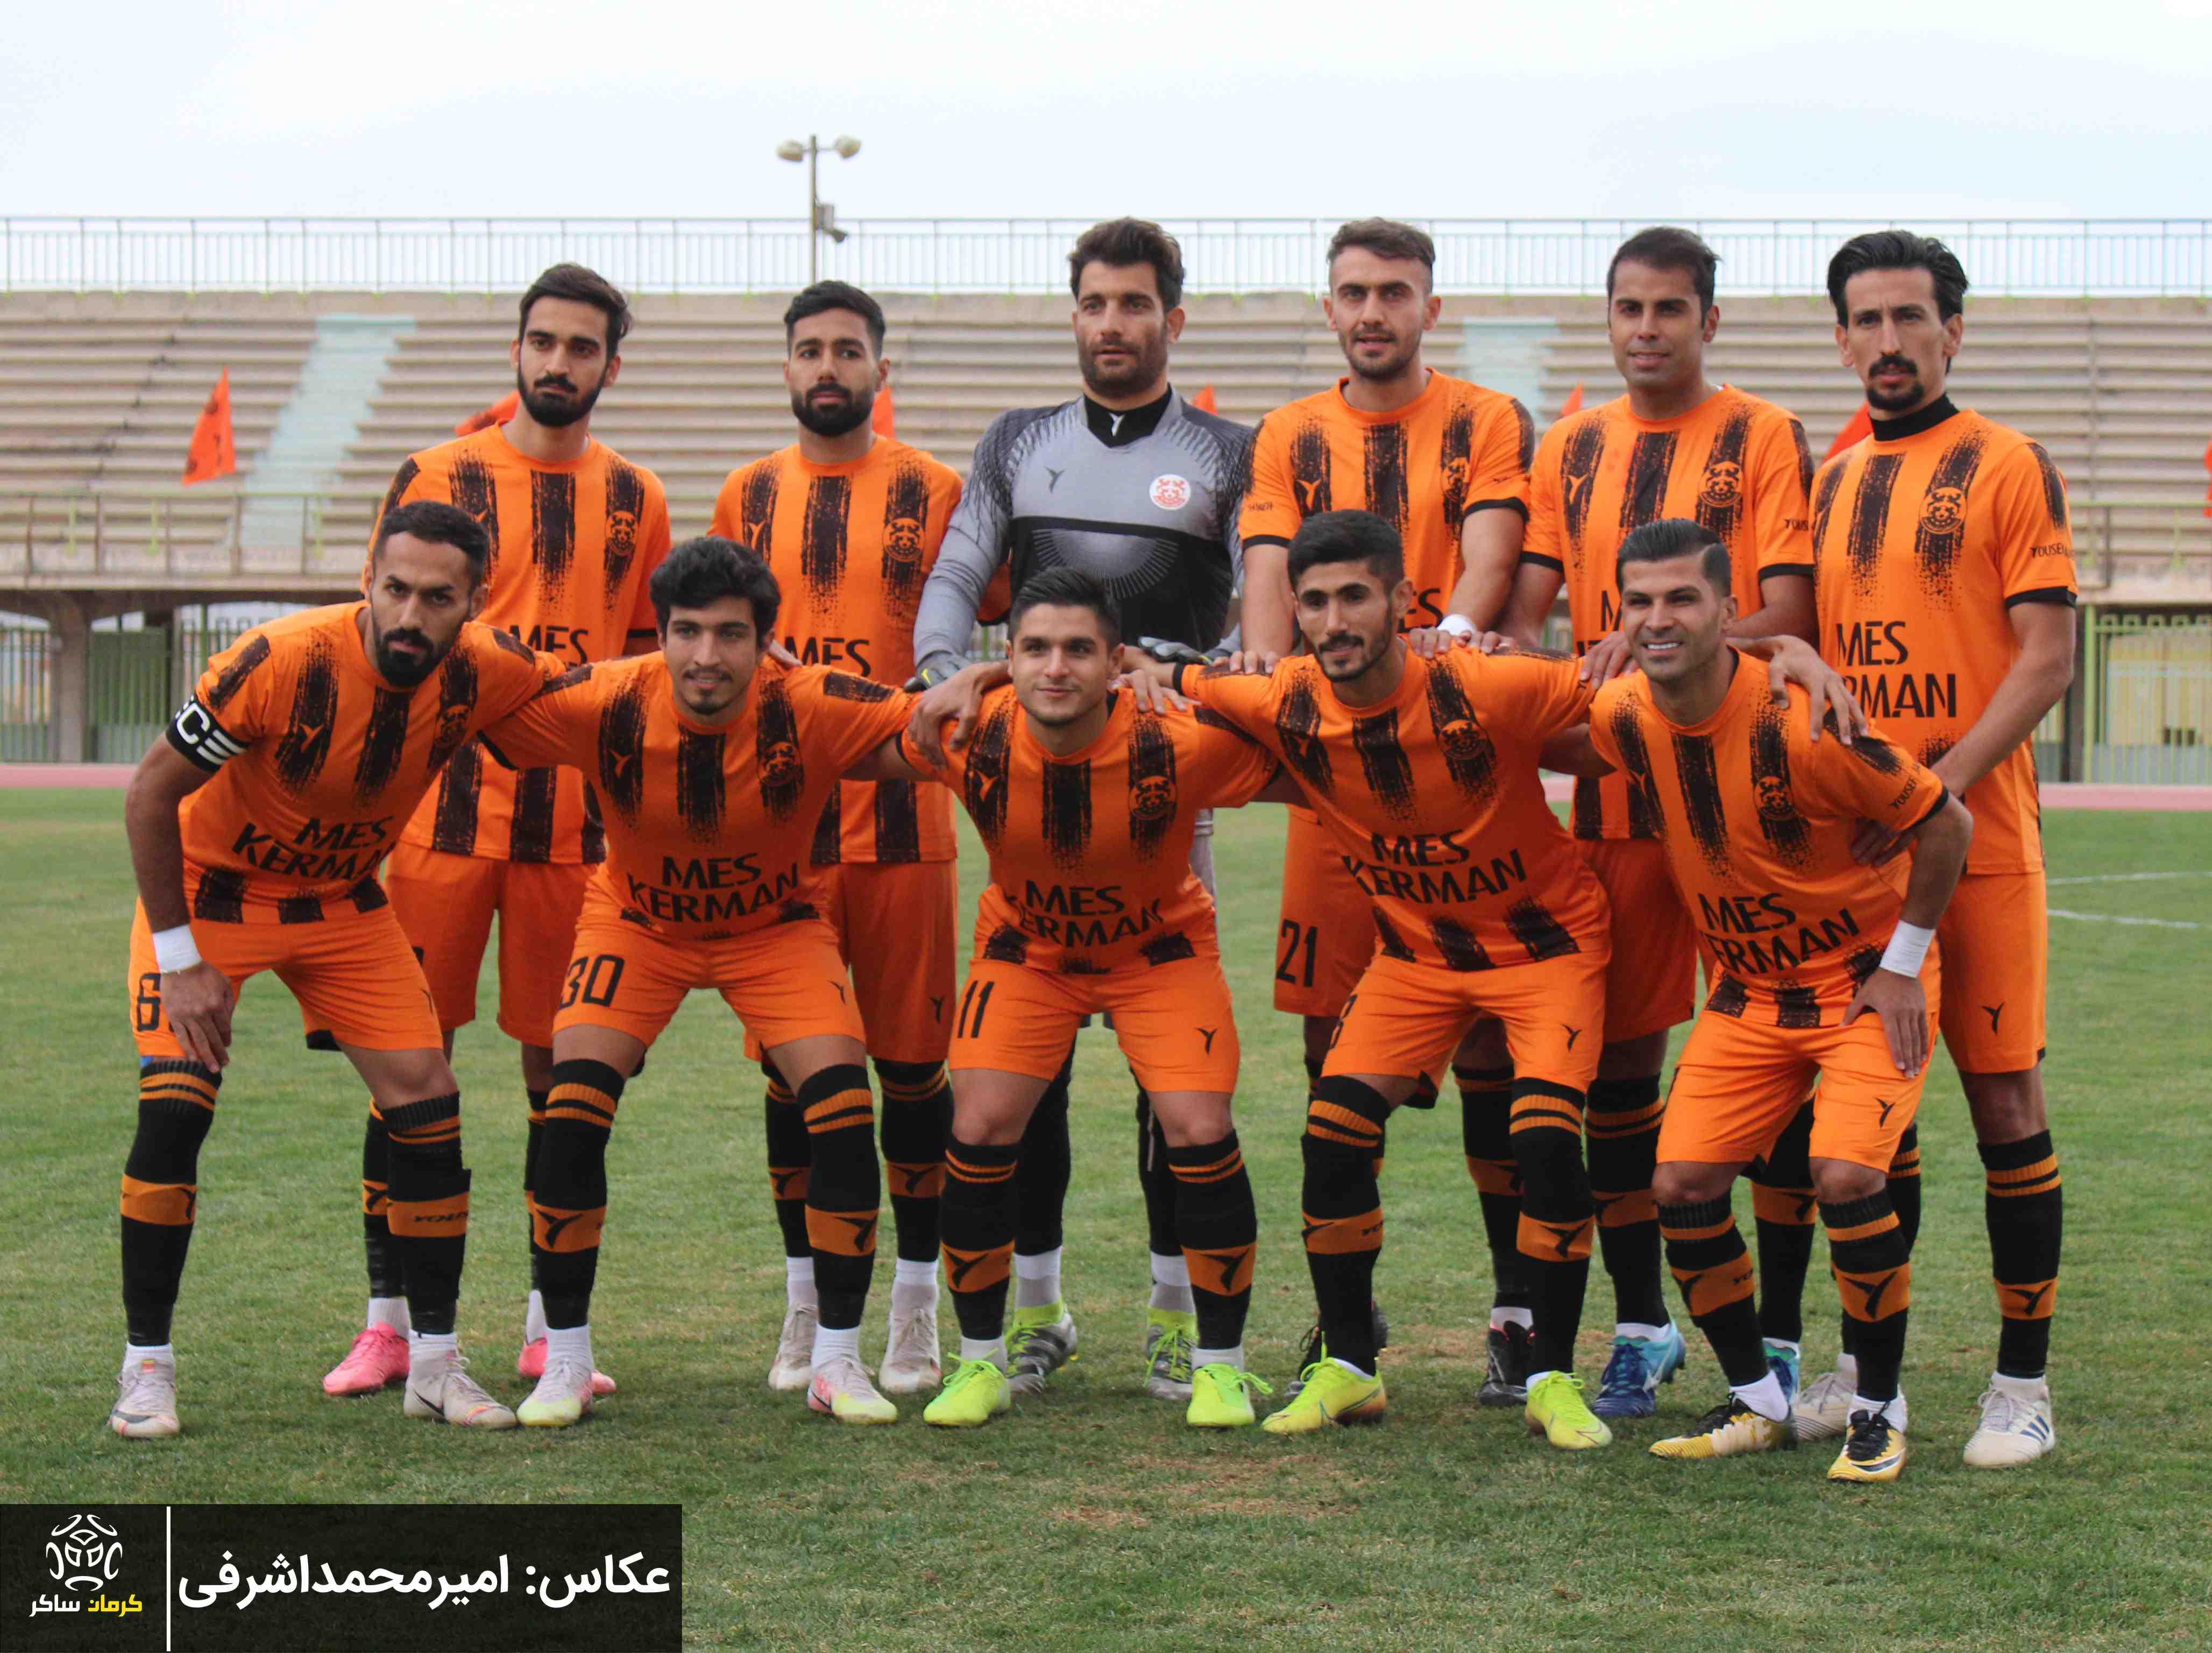 گزارش تصویری: هفته پانزدهم لیگ یک فوتبال کشور/مس کرمان- خیبر خرم آباد از دریچه دوربین امیرمحمد اشرفی